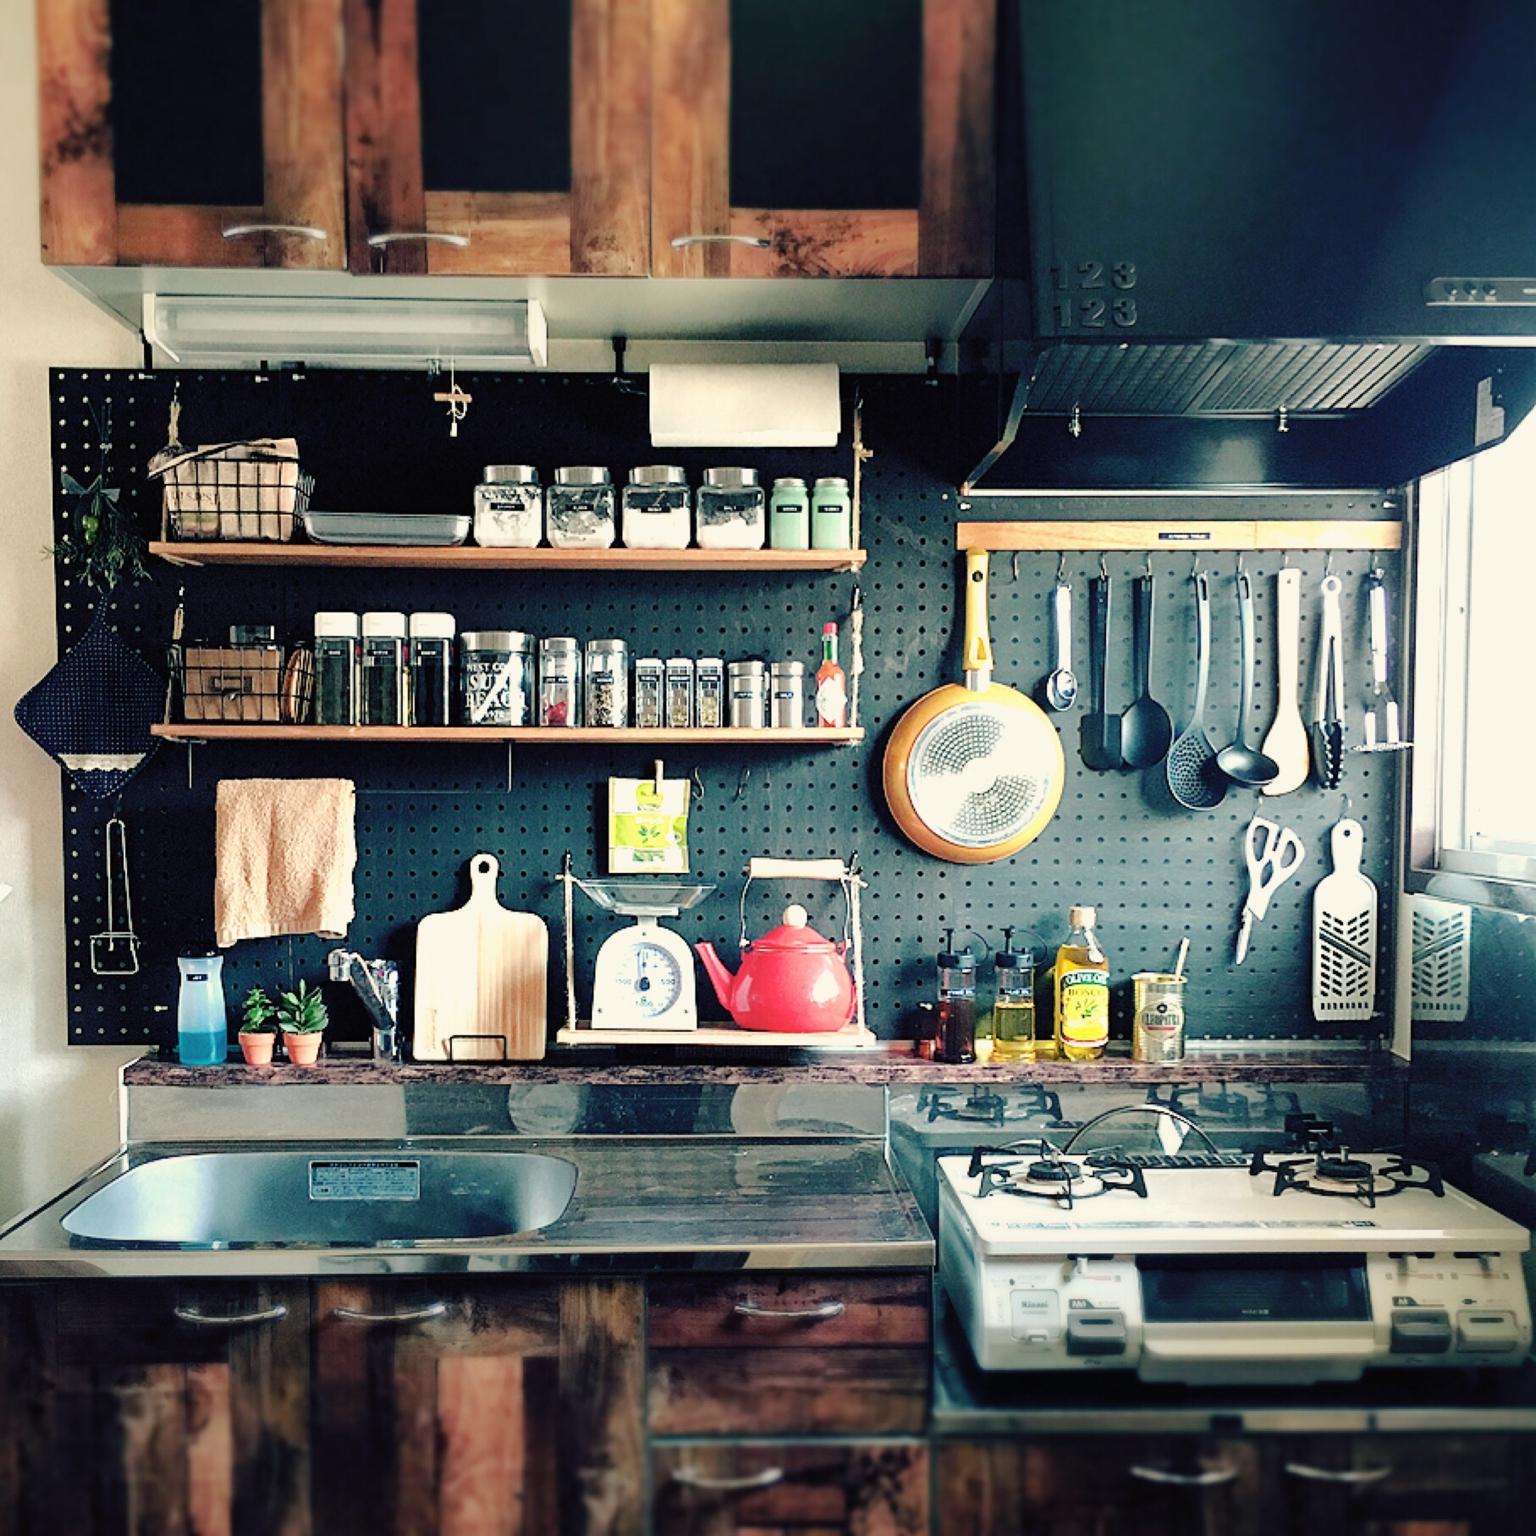 d5ee039644 キッチン収納術51選!100均やニトリのアイテム活用実例も! | RoomClip mag | 暮らしとインテリアのwebマガジン